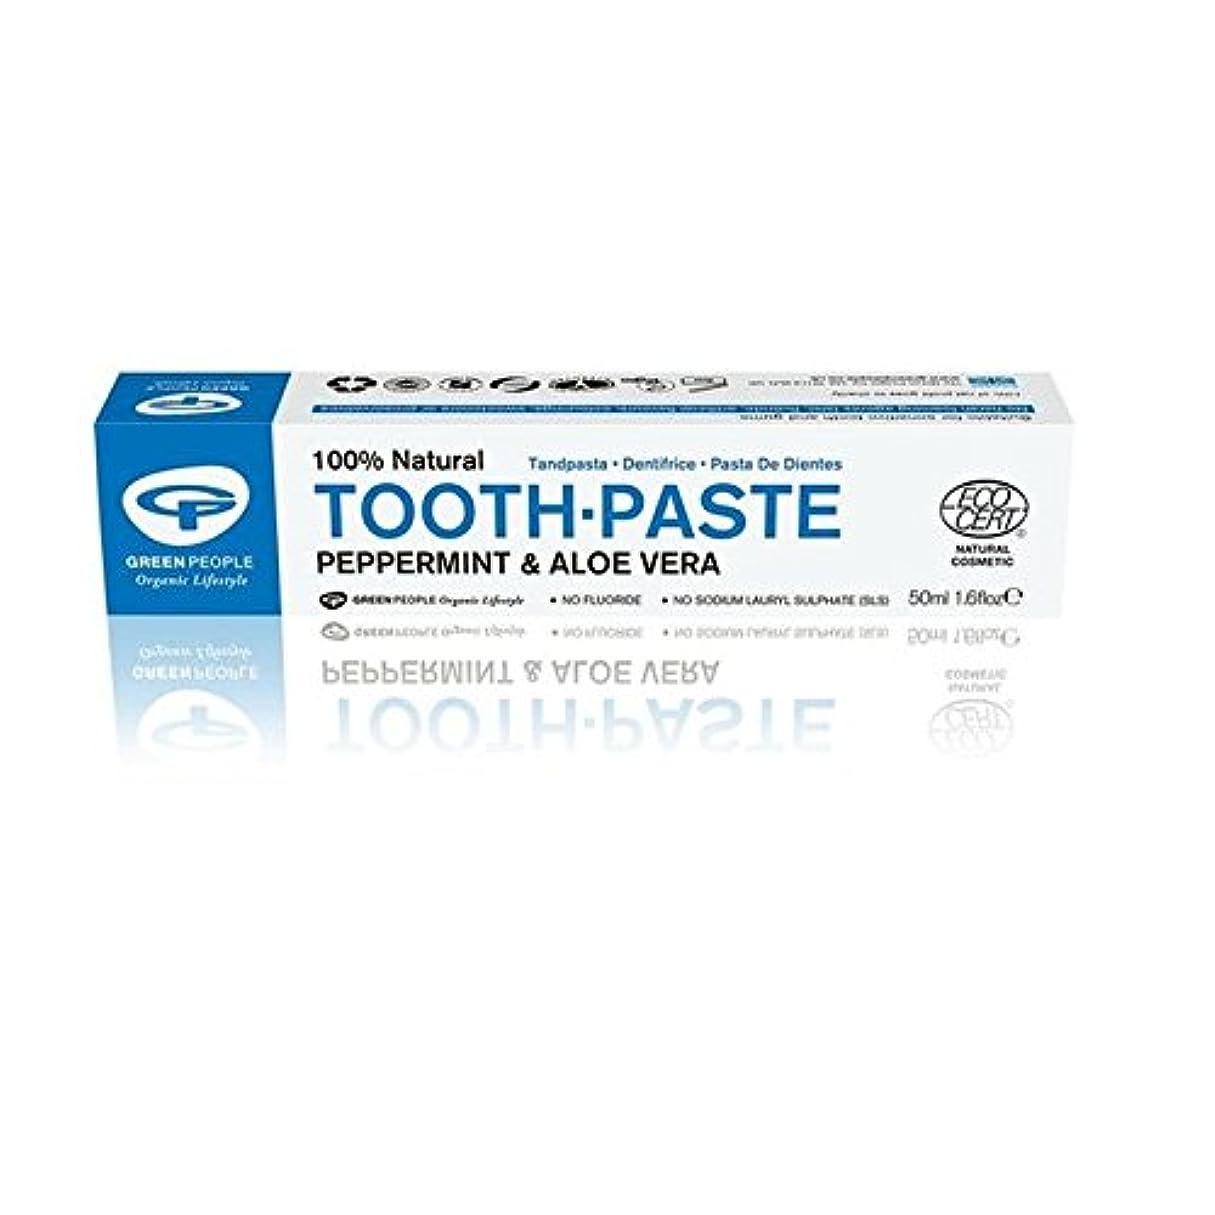 傾向があるポインタ移行緑の人々の自然ミント歯磨き粉50ミリリットル x4 - Green People Natural Mint Toothpaste 50ml (Pack of 4) [並行輸入品]